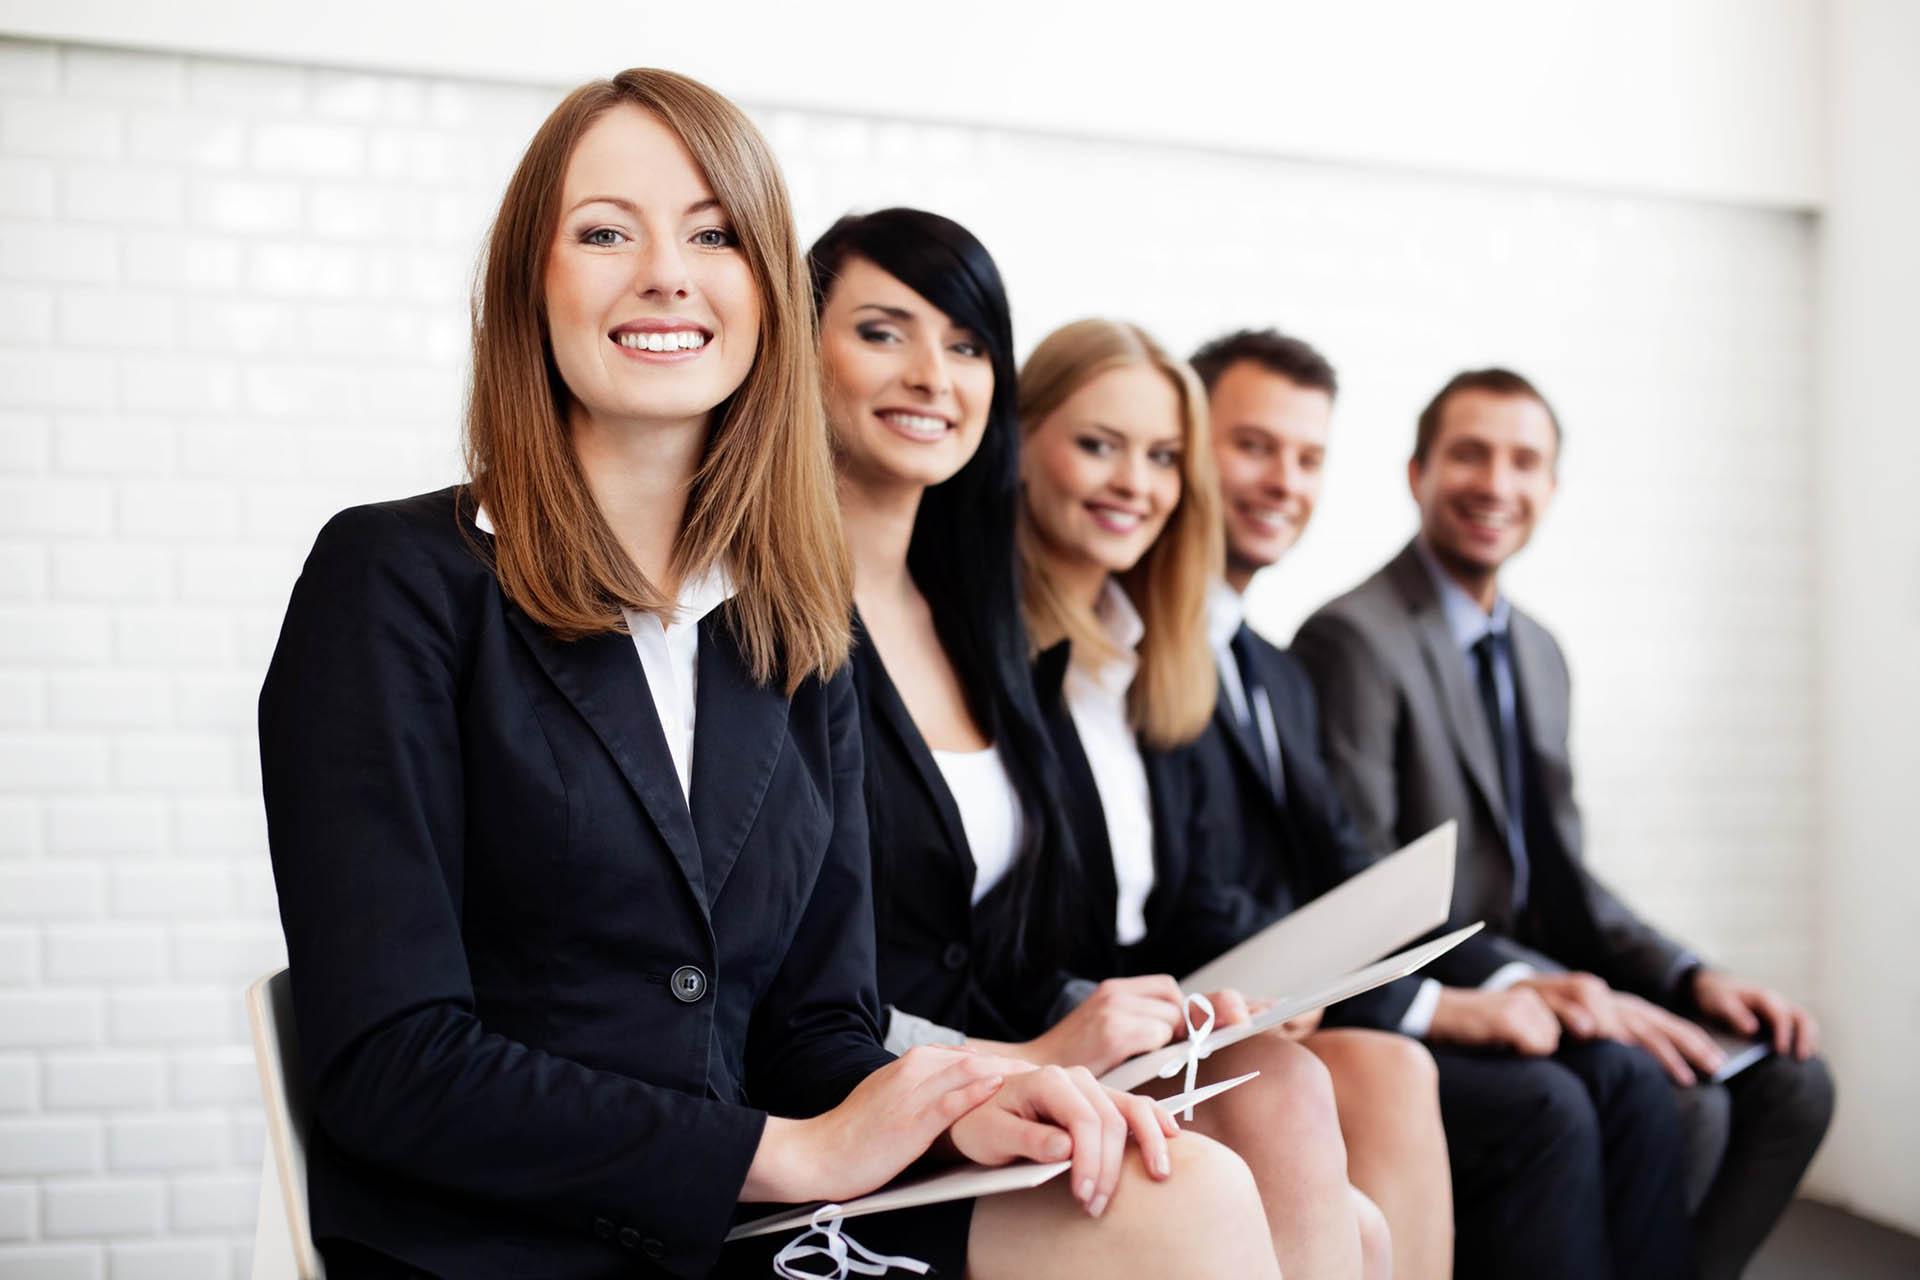 Вебинар: Успешный успех, или как здоровая психика помогает создавать эффективные предложения на рынке труда